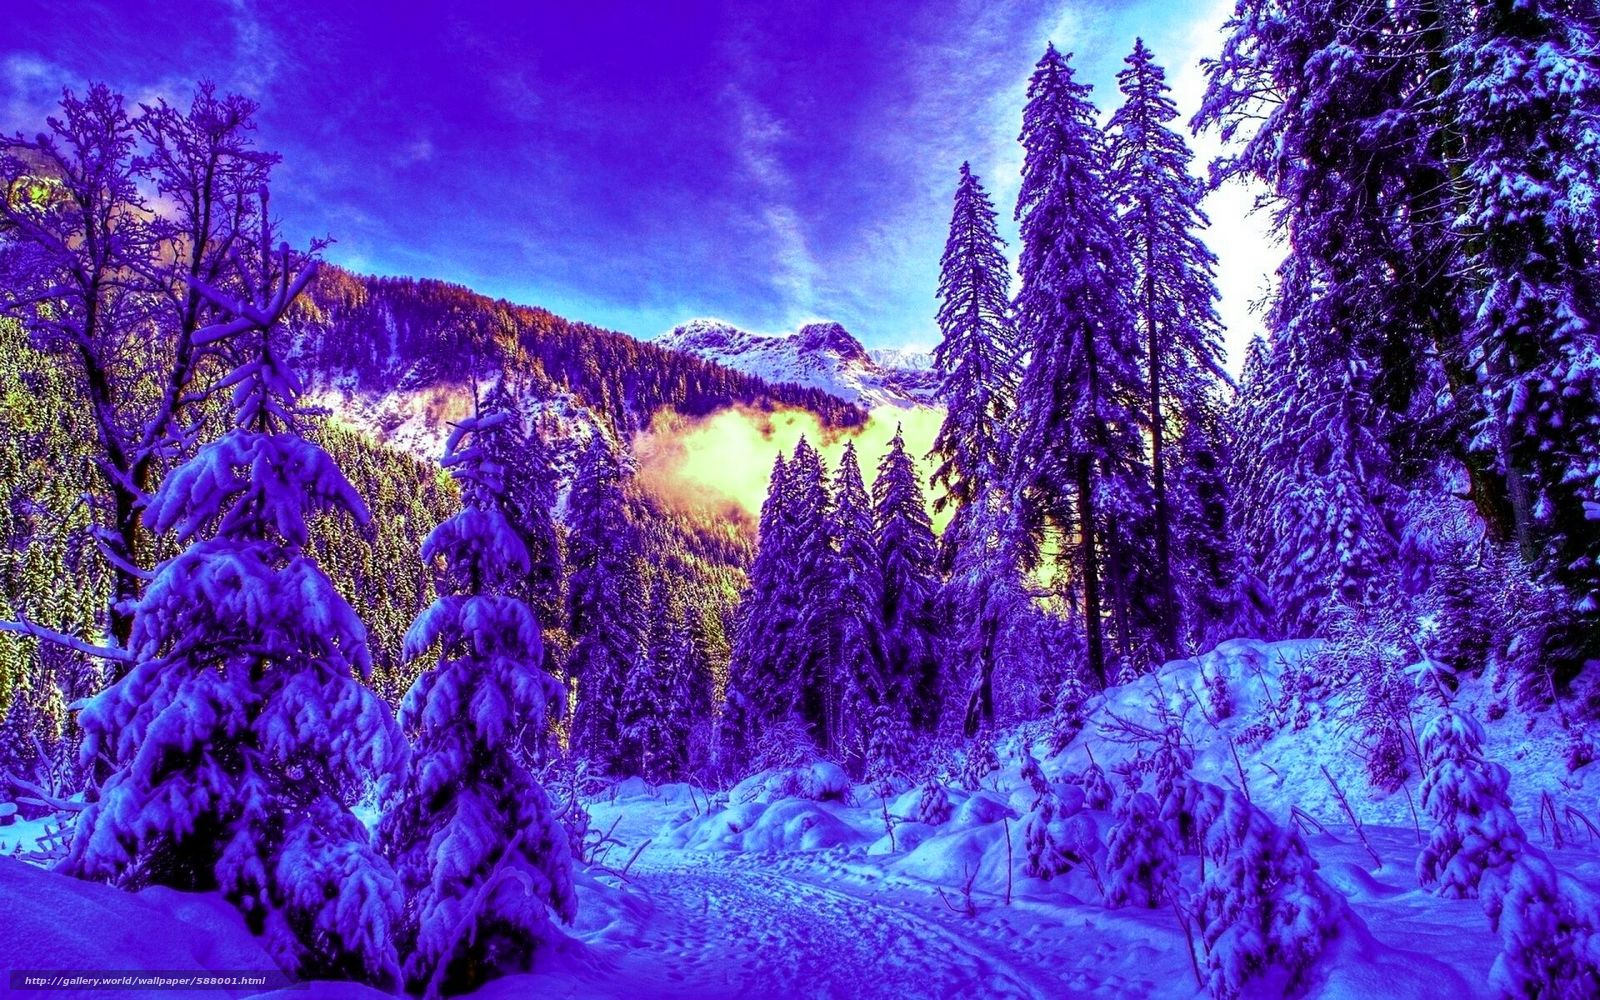 Скачать обои зима,  лес,  снег,  ели бесплатно для рабочего стола в разрешении 1920x1200 — картинка №588001